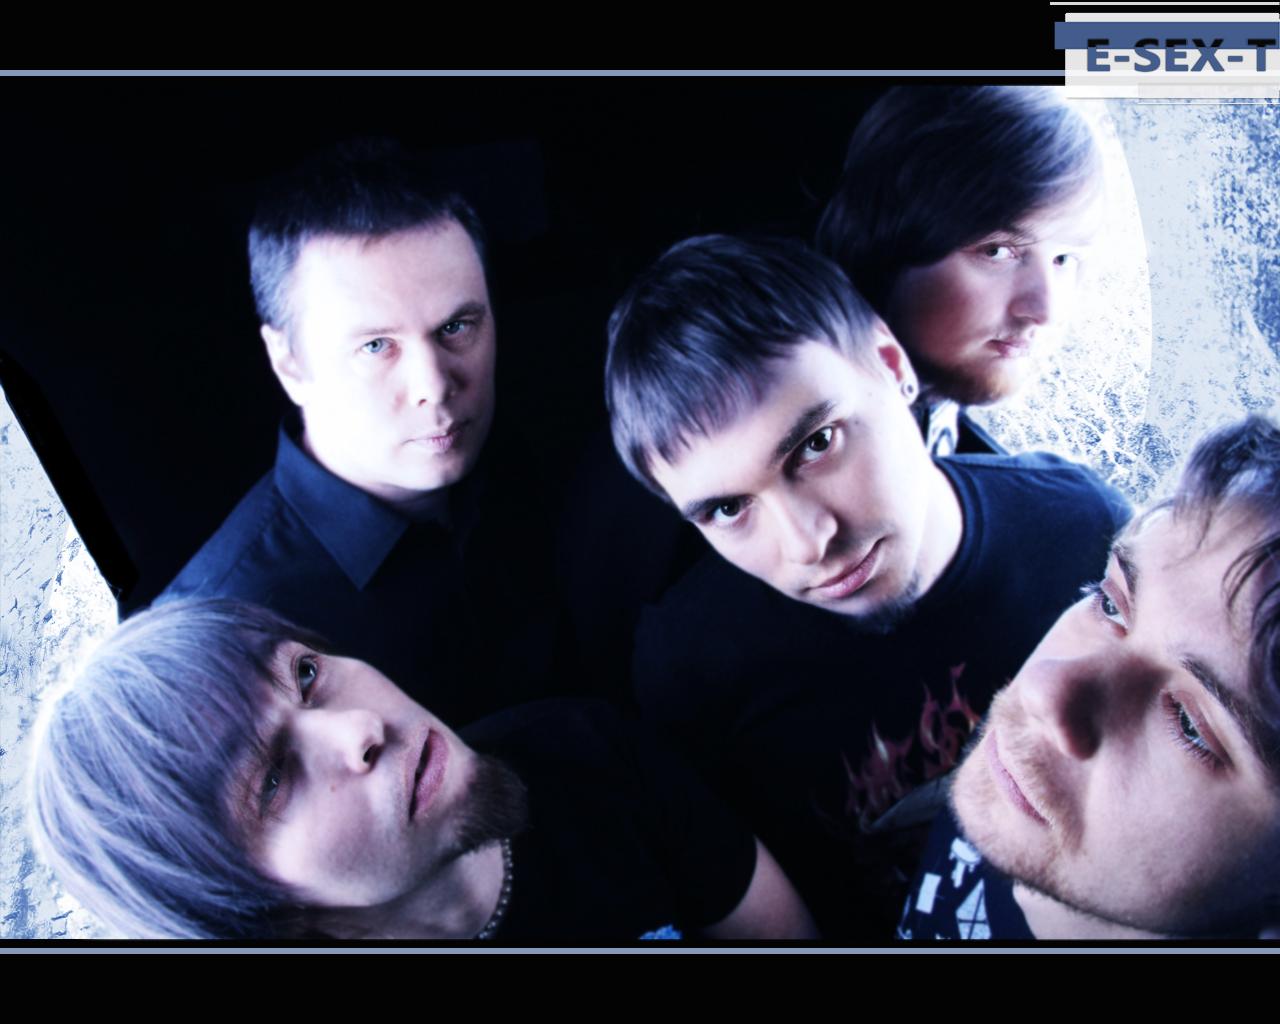 Фотографии E-SEX-T / Музыкальный портал Muzoo - поисковик музыки